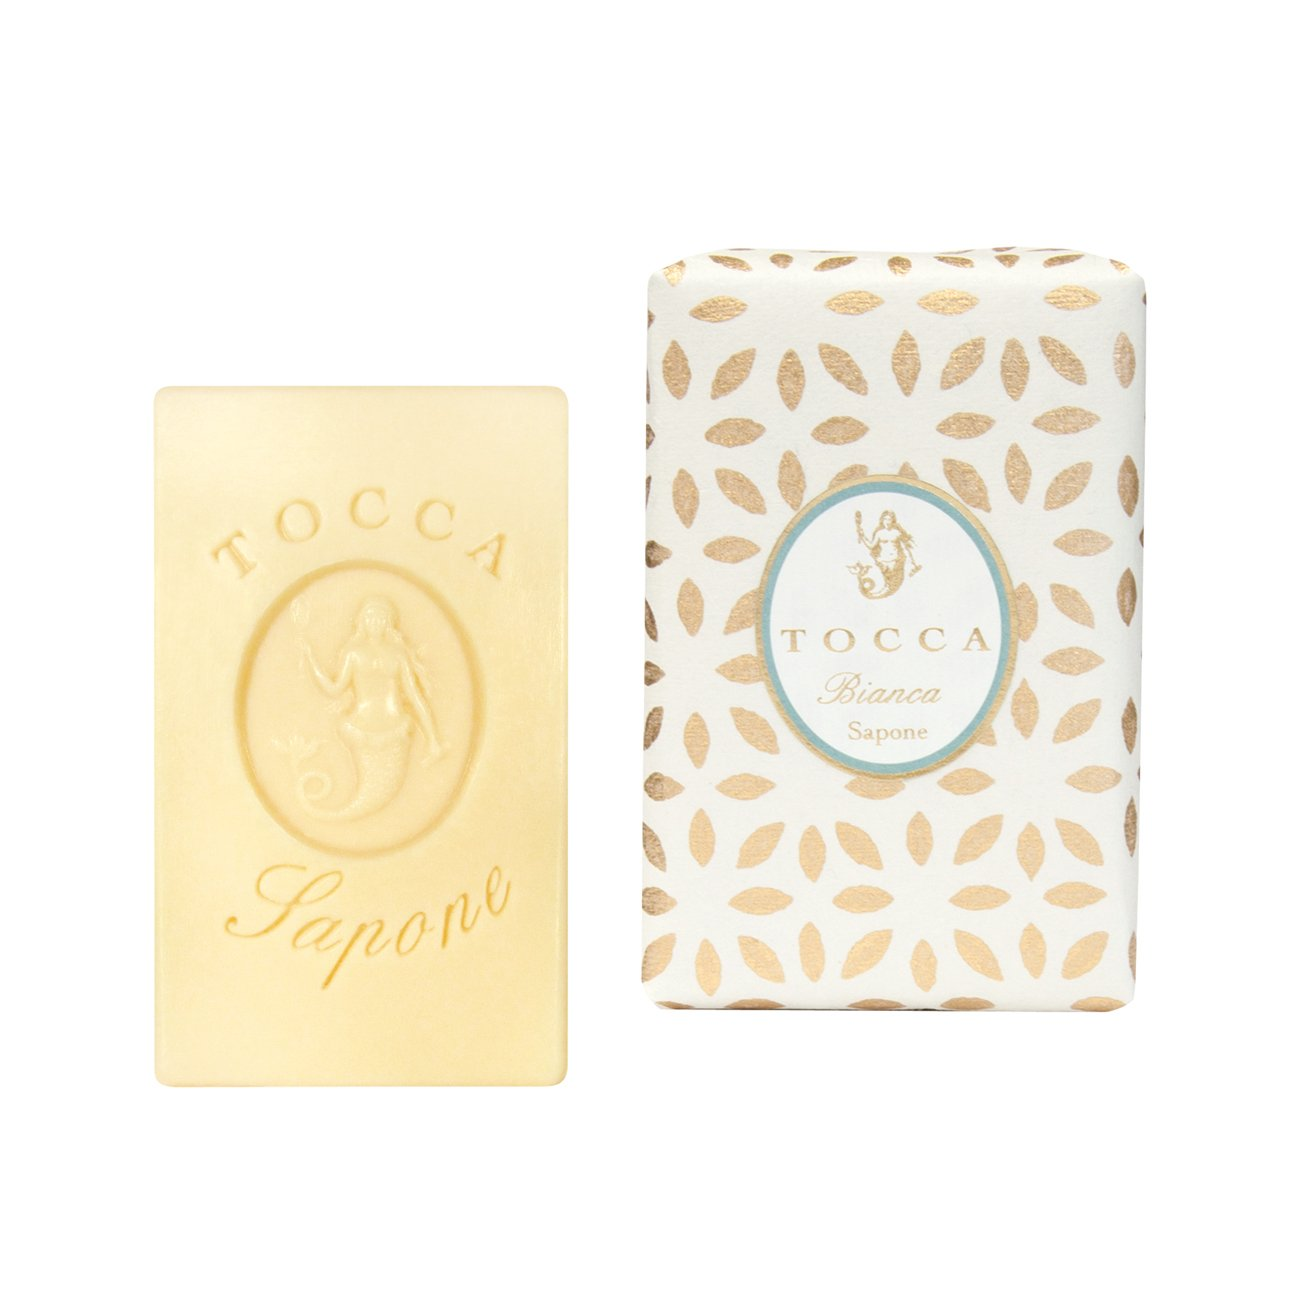 【TOCCA】ソープバー ビアンカの香り 113g